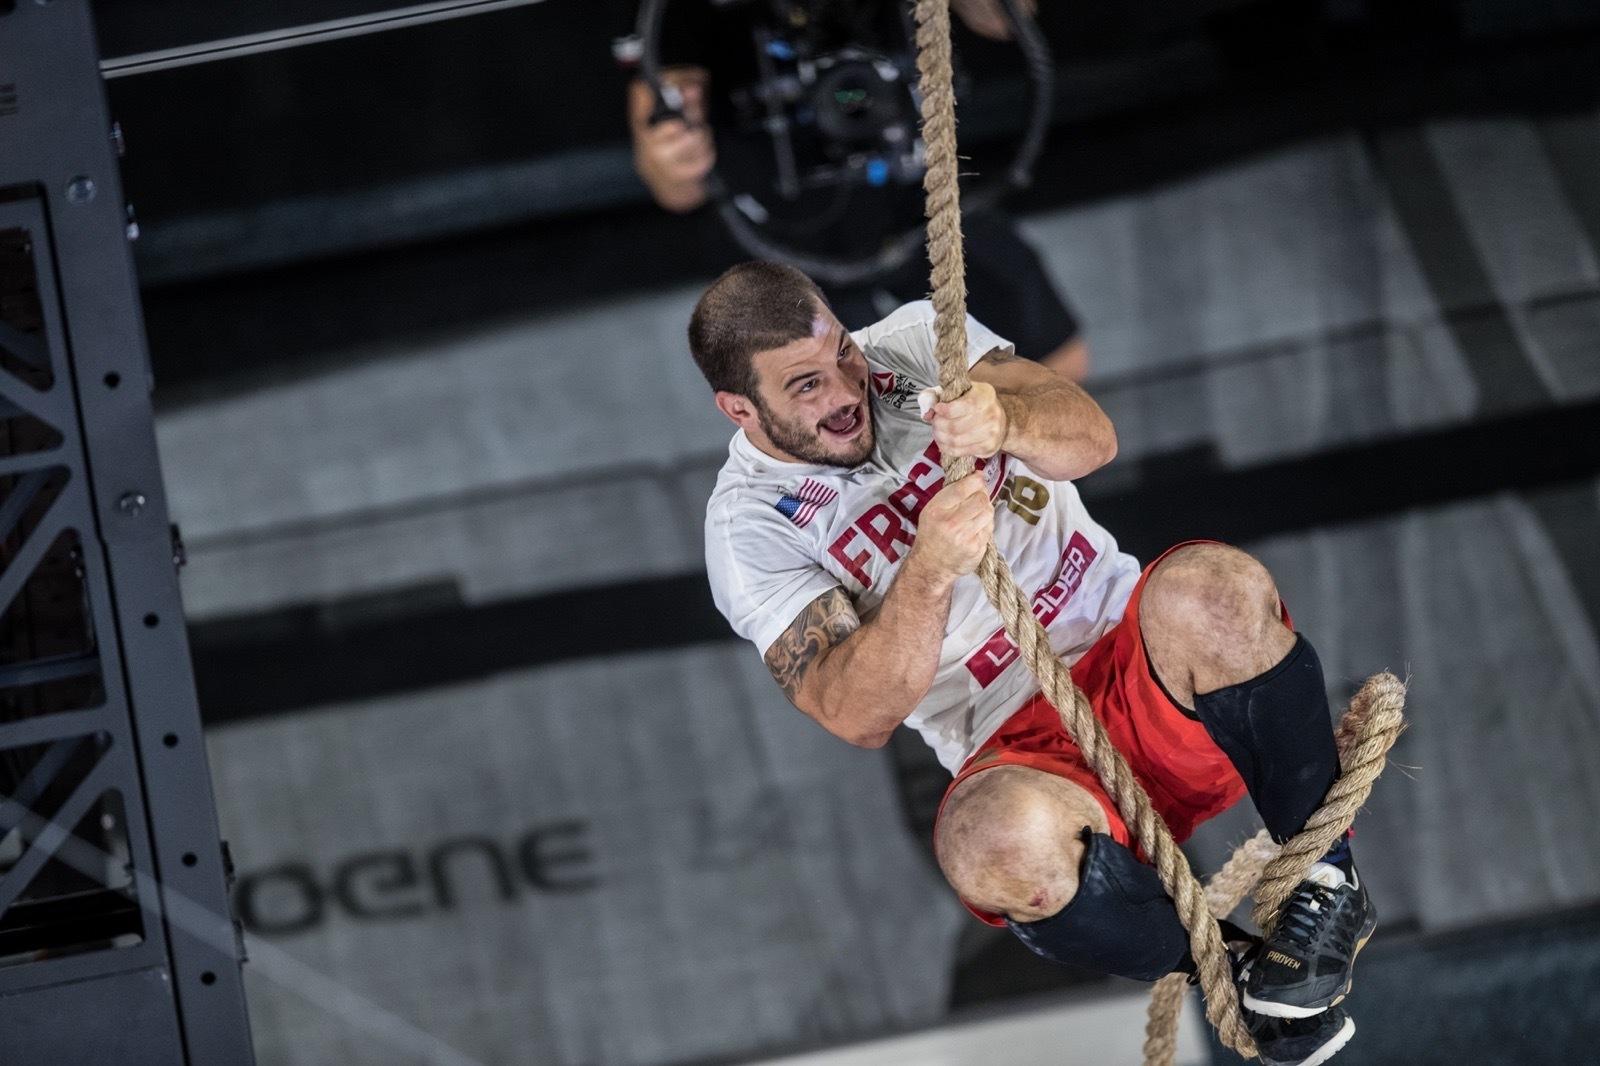 Mat Fraser climbing rope